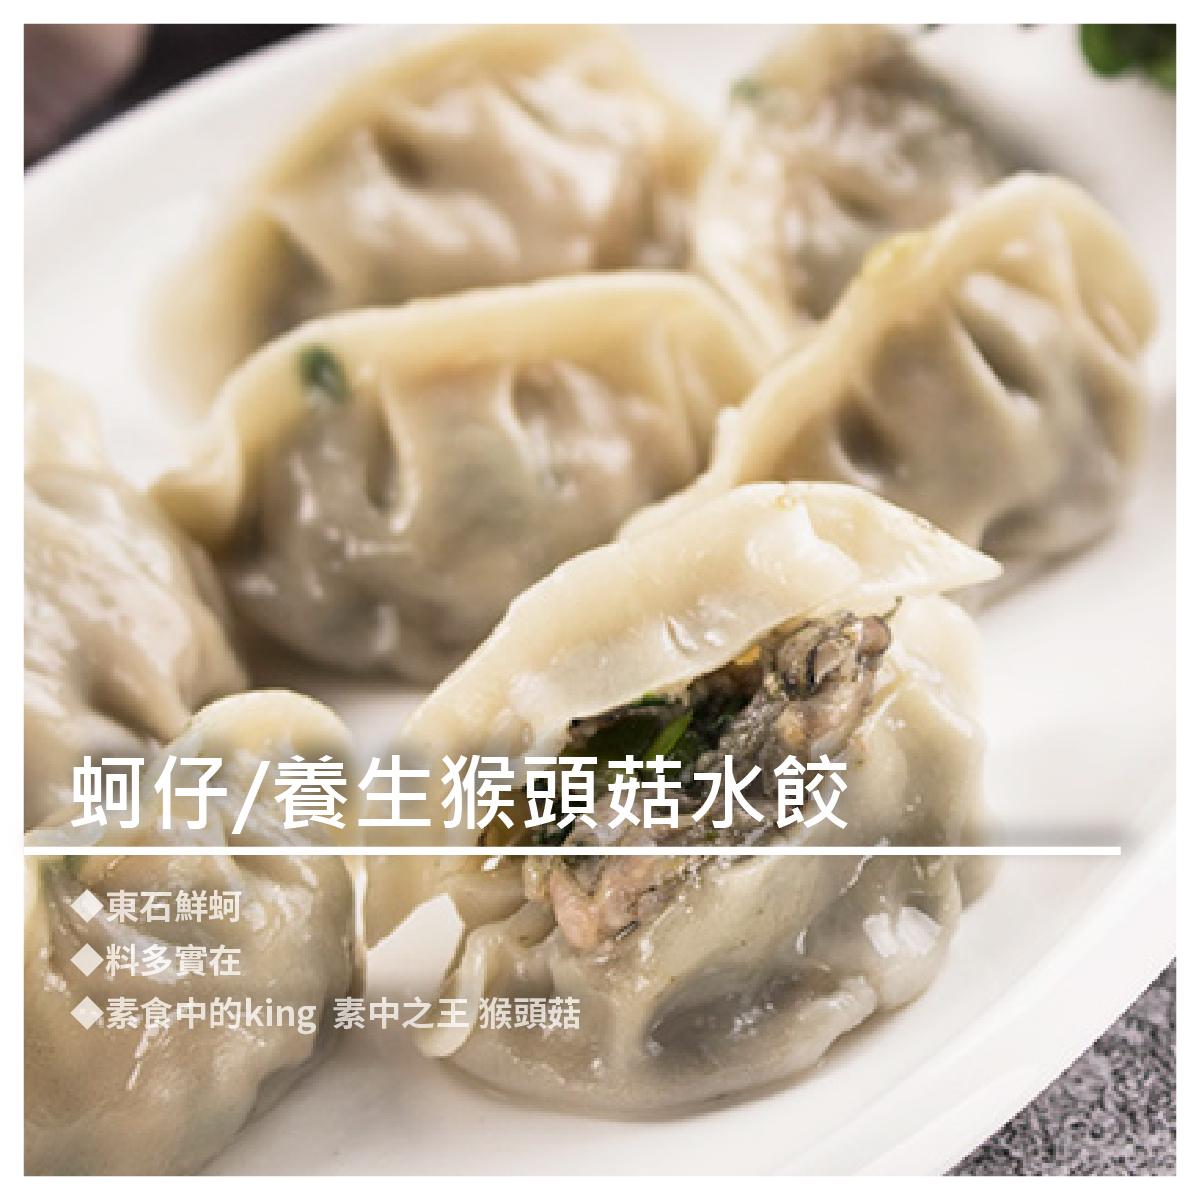 【樂華青島-周花媽手工水餃】蚵仔水餃/(蛋奶素)養生麻油猴頭菇水餃  50入/包